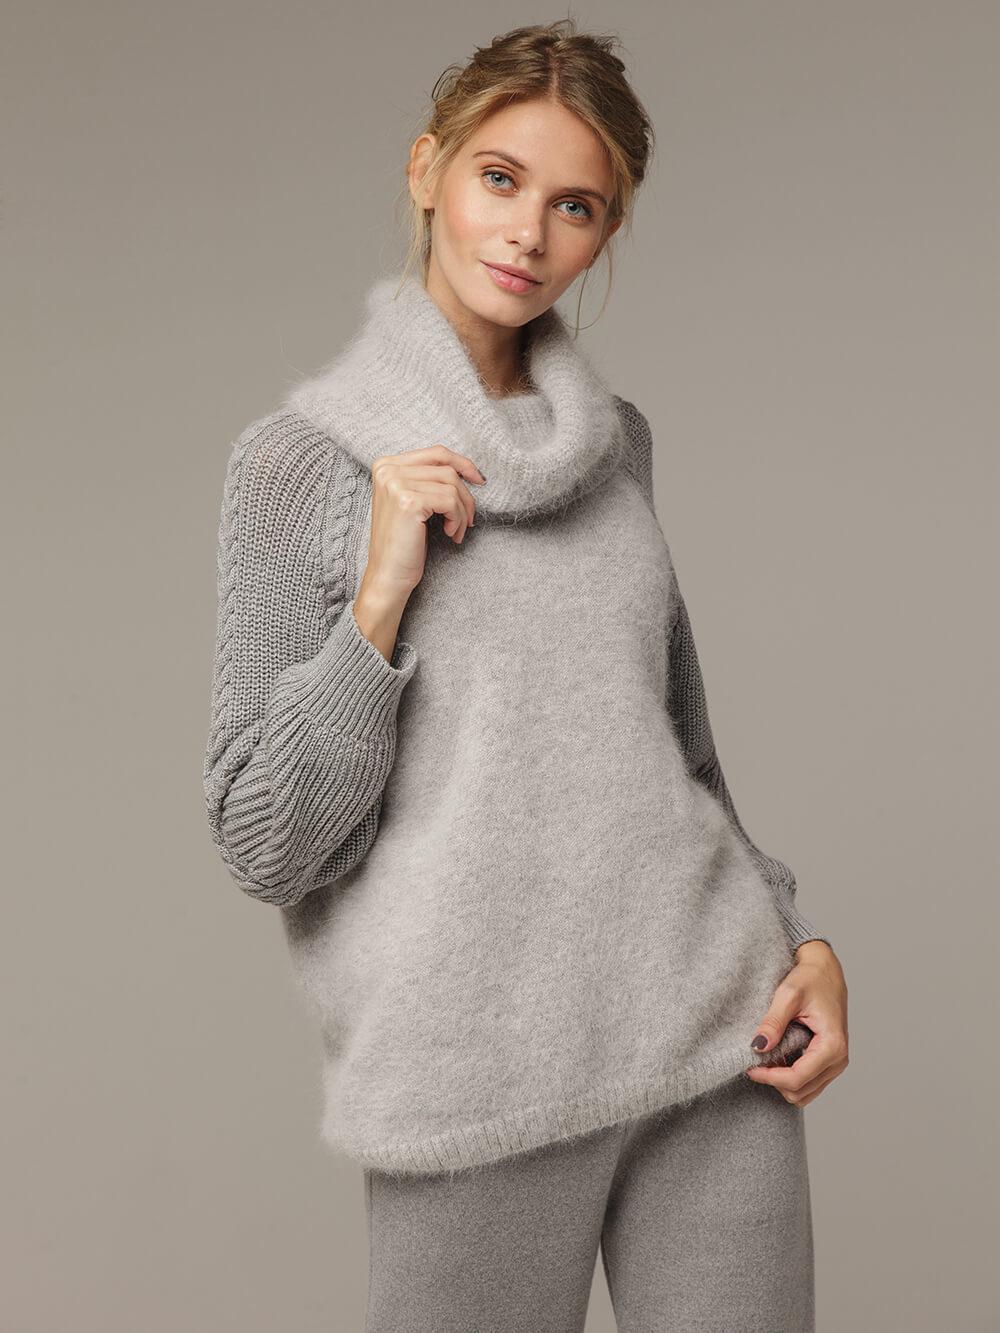 Женский серый джемпер с объемным воротником - фото 1